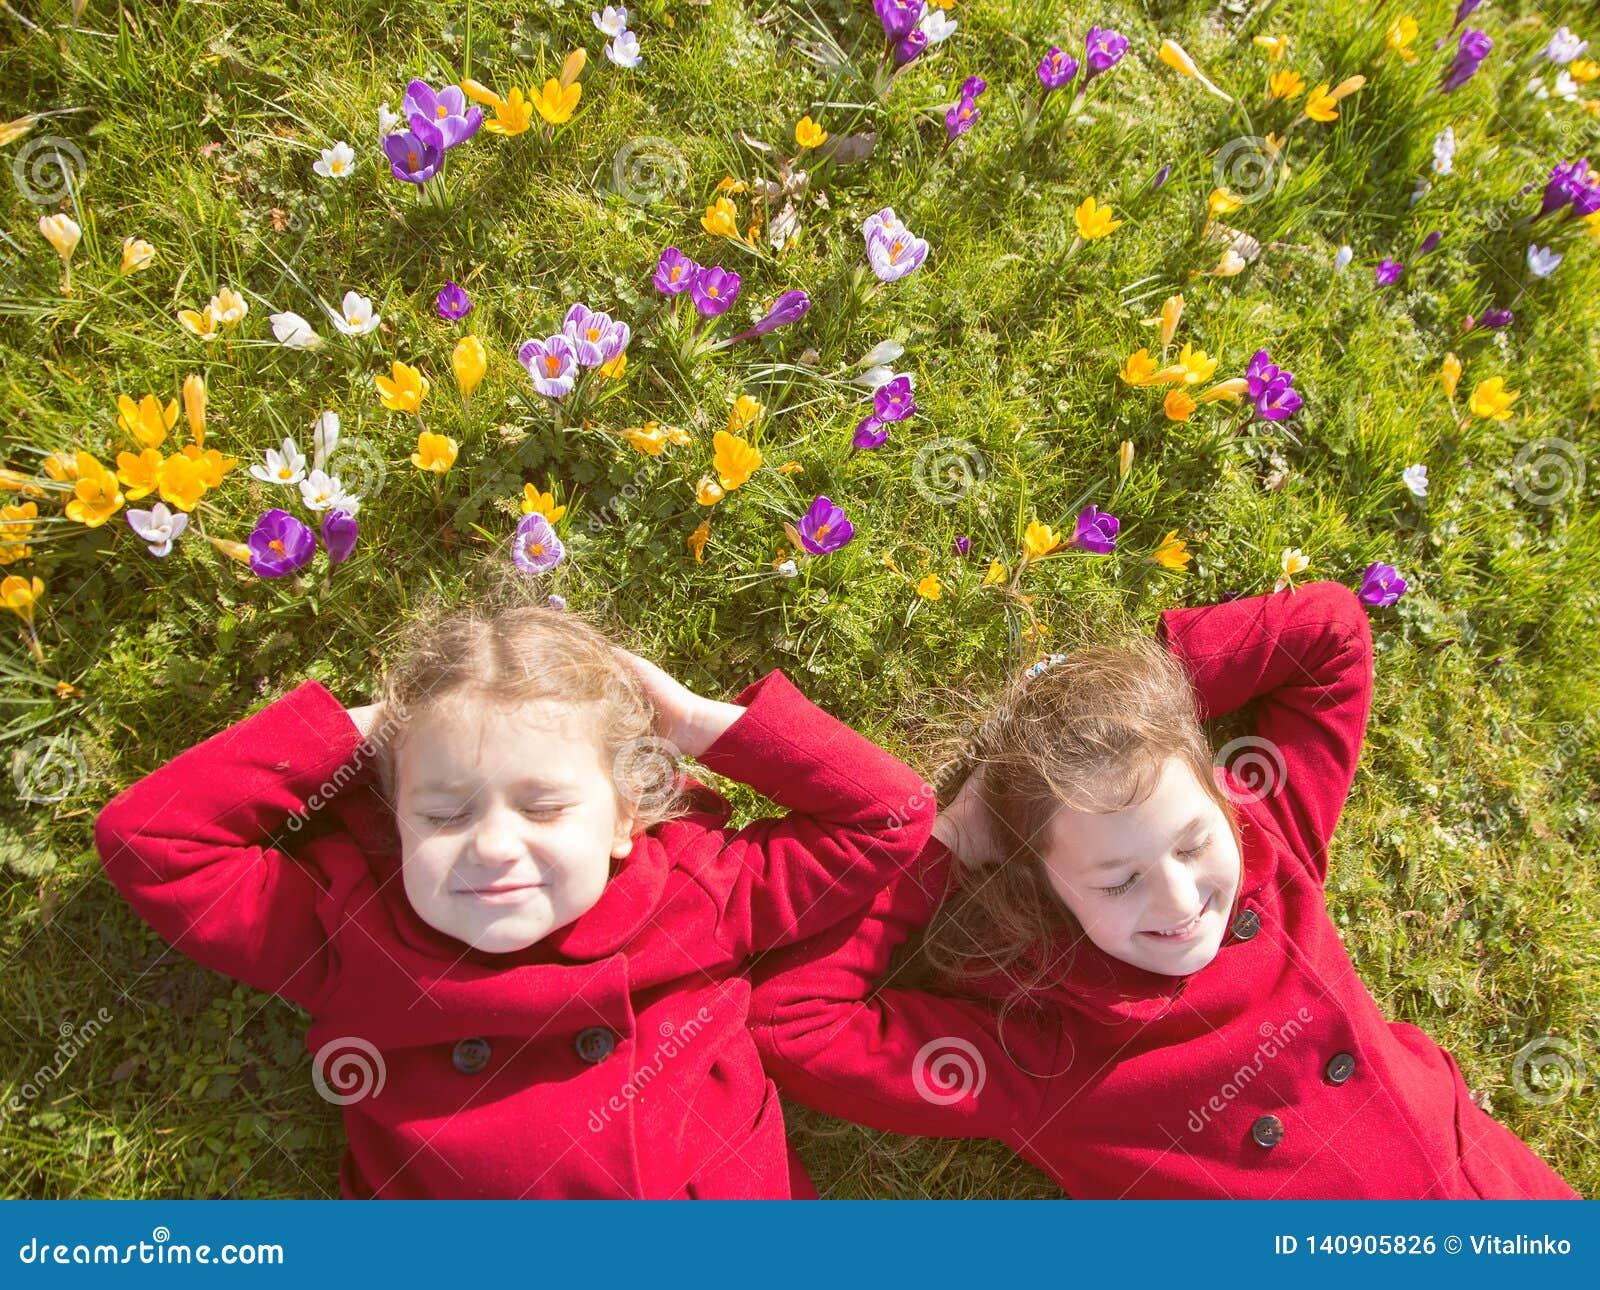 Jour ensoleillé de ressort, premières fleurs et enfants heureux